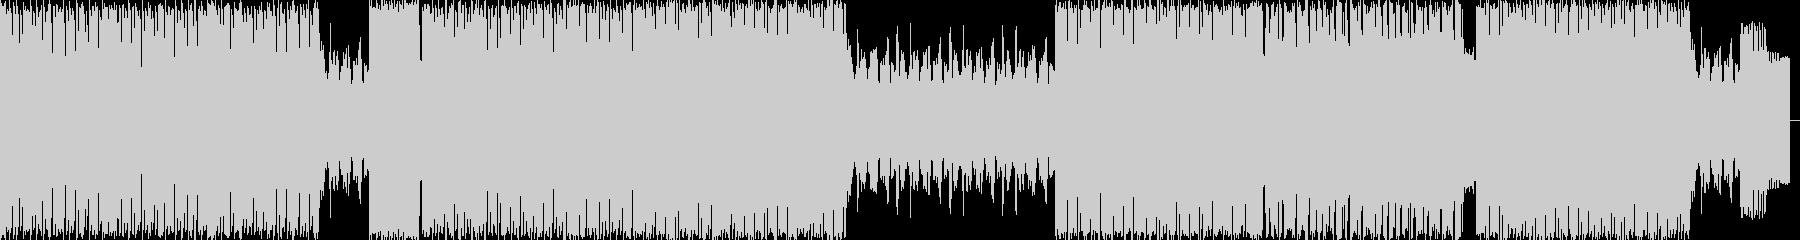 パワフルではじけるエレクトロハウスの未再生の波形